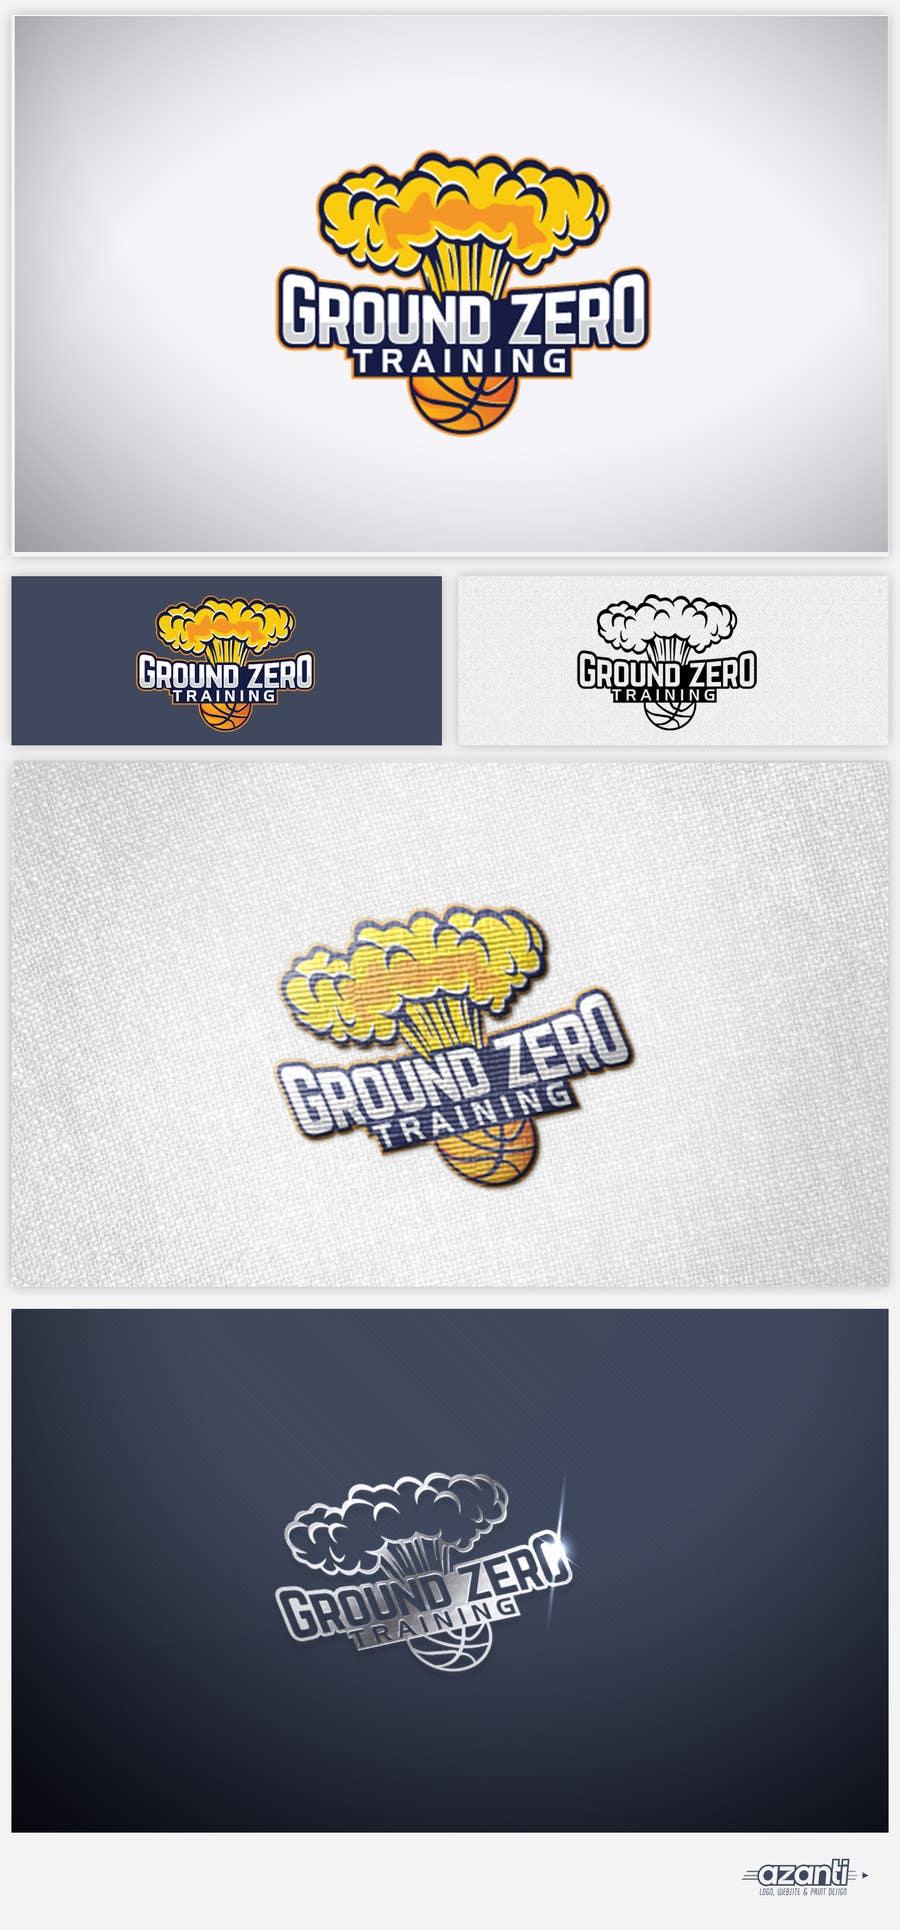 Konkurrenceindlæg #45 for Design a Logo for Ground Zero Training